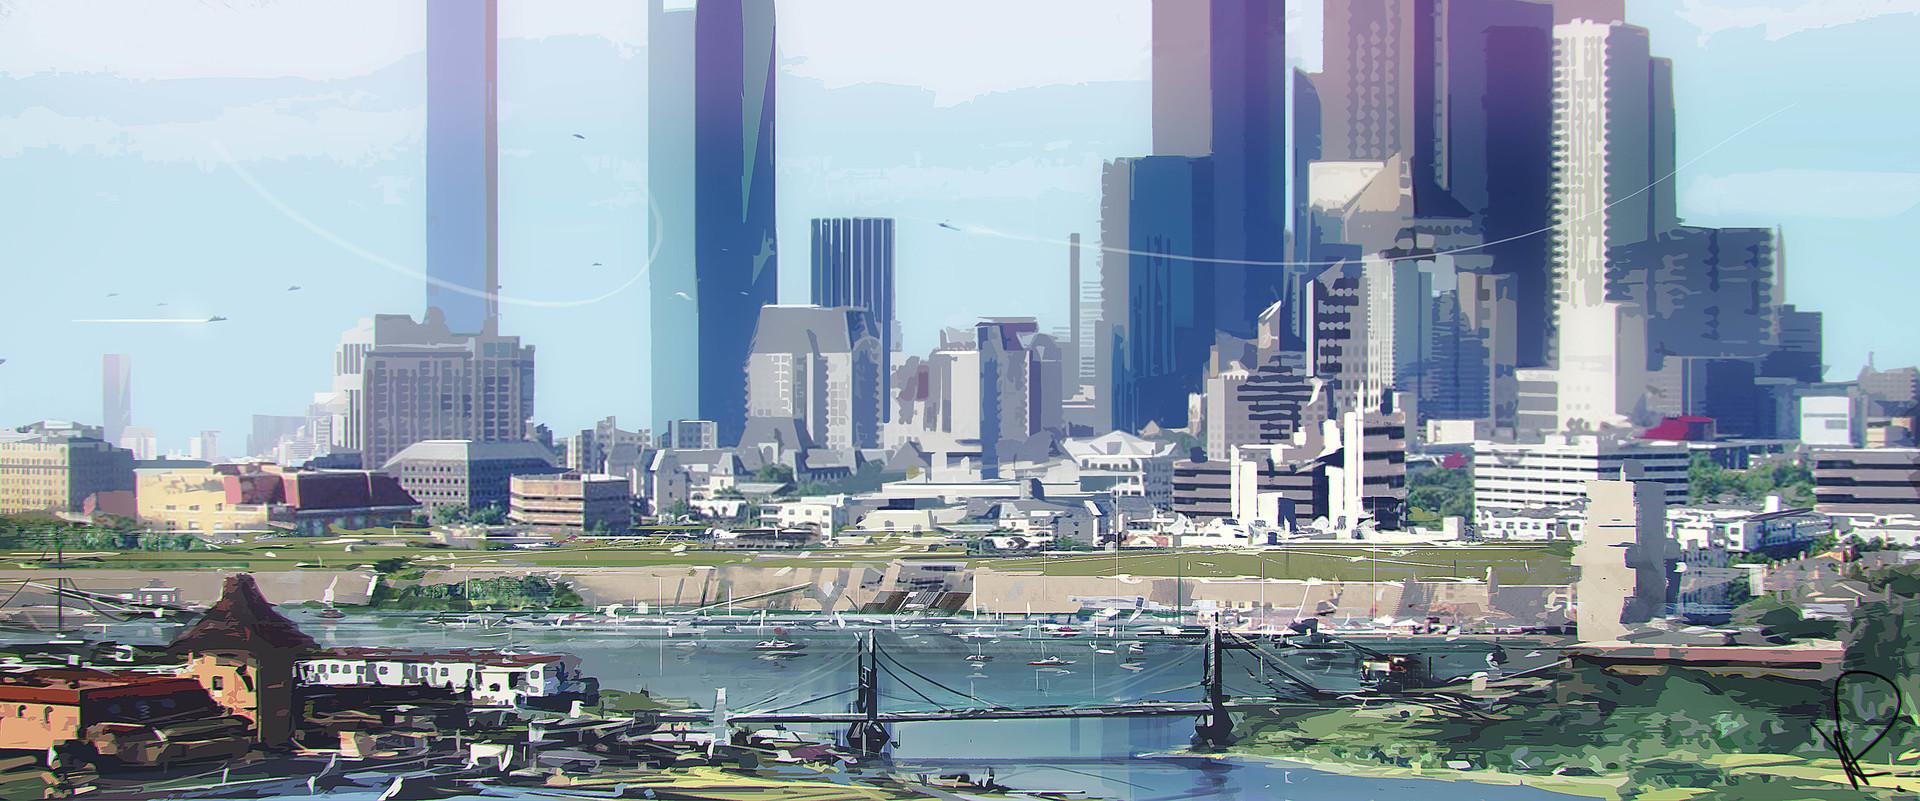 Marcin rubinkowski city stylize 2